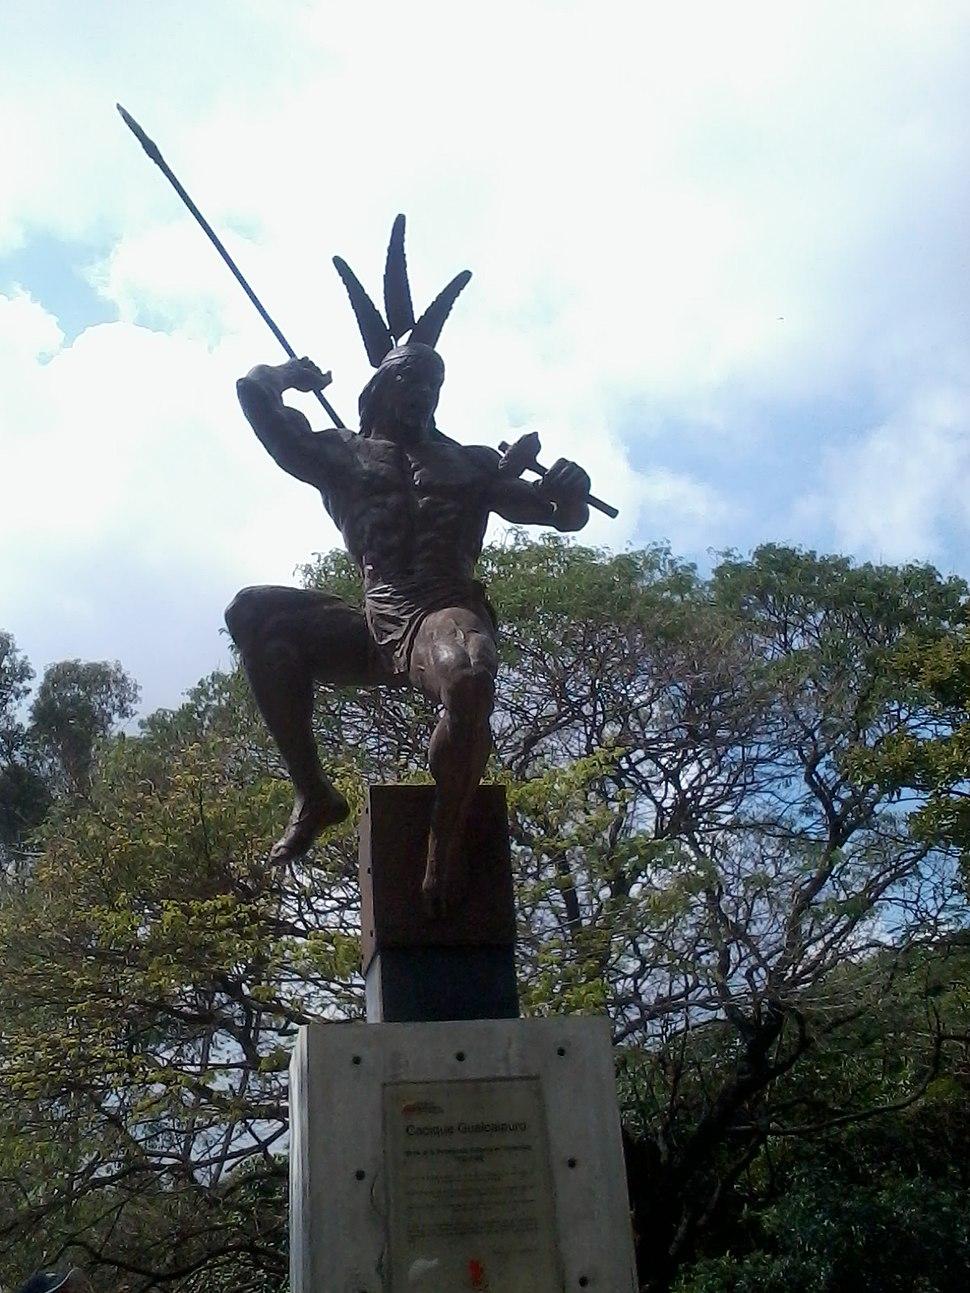 Cacique Guaicaipuro.